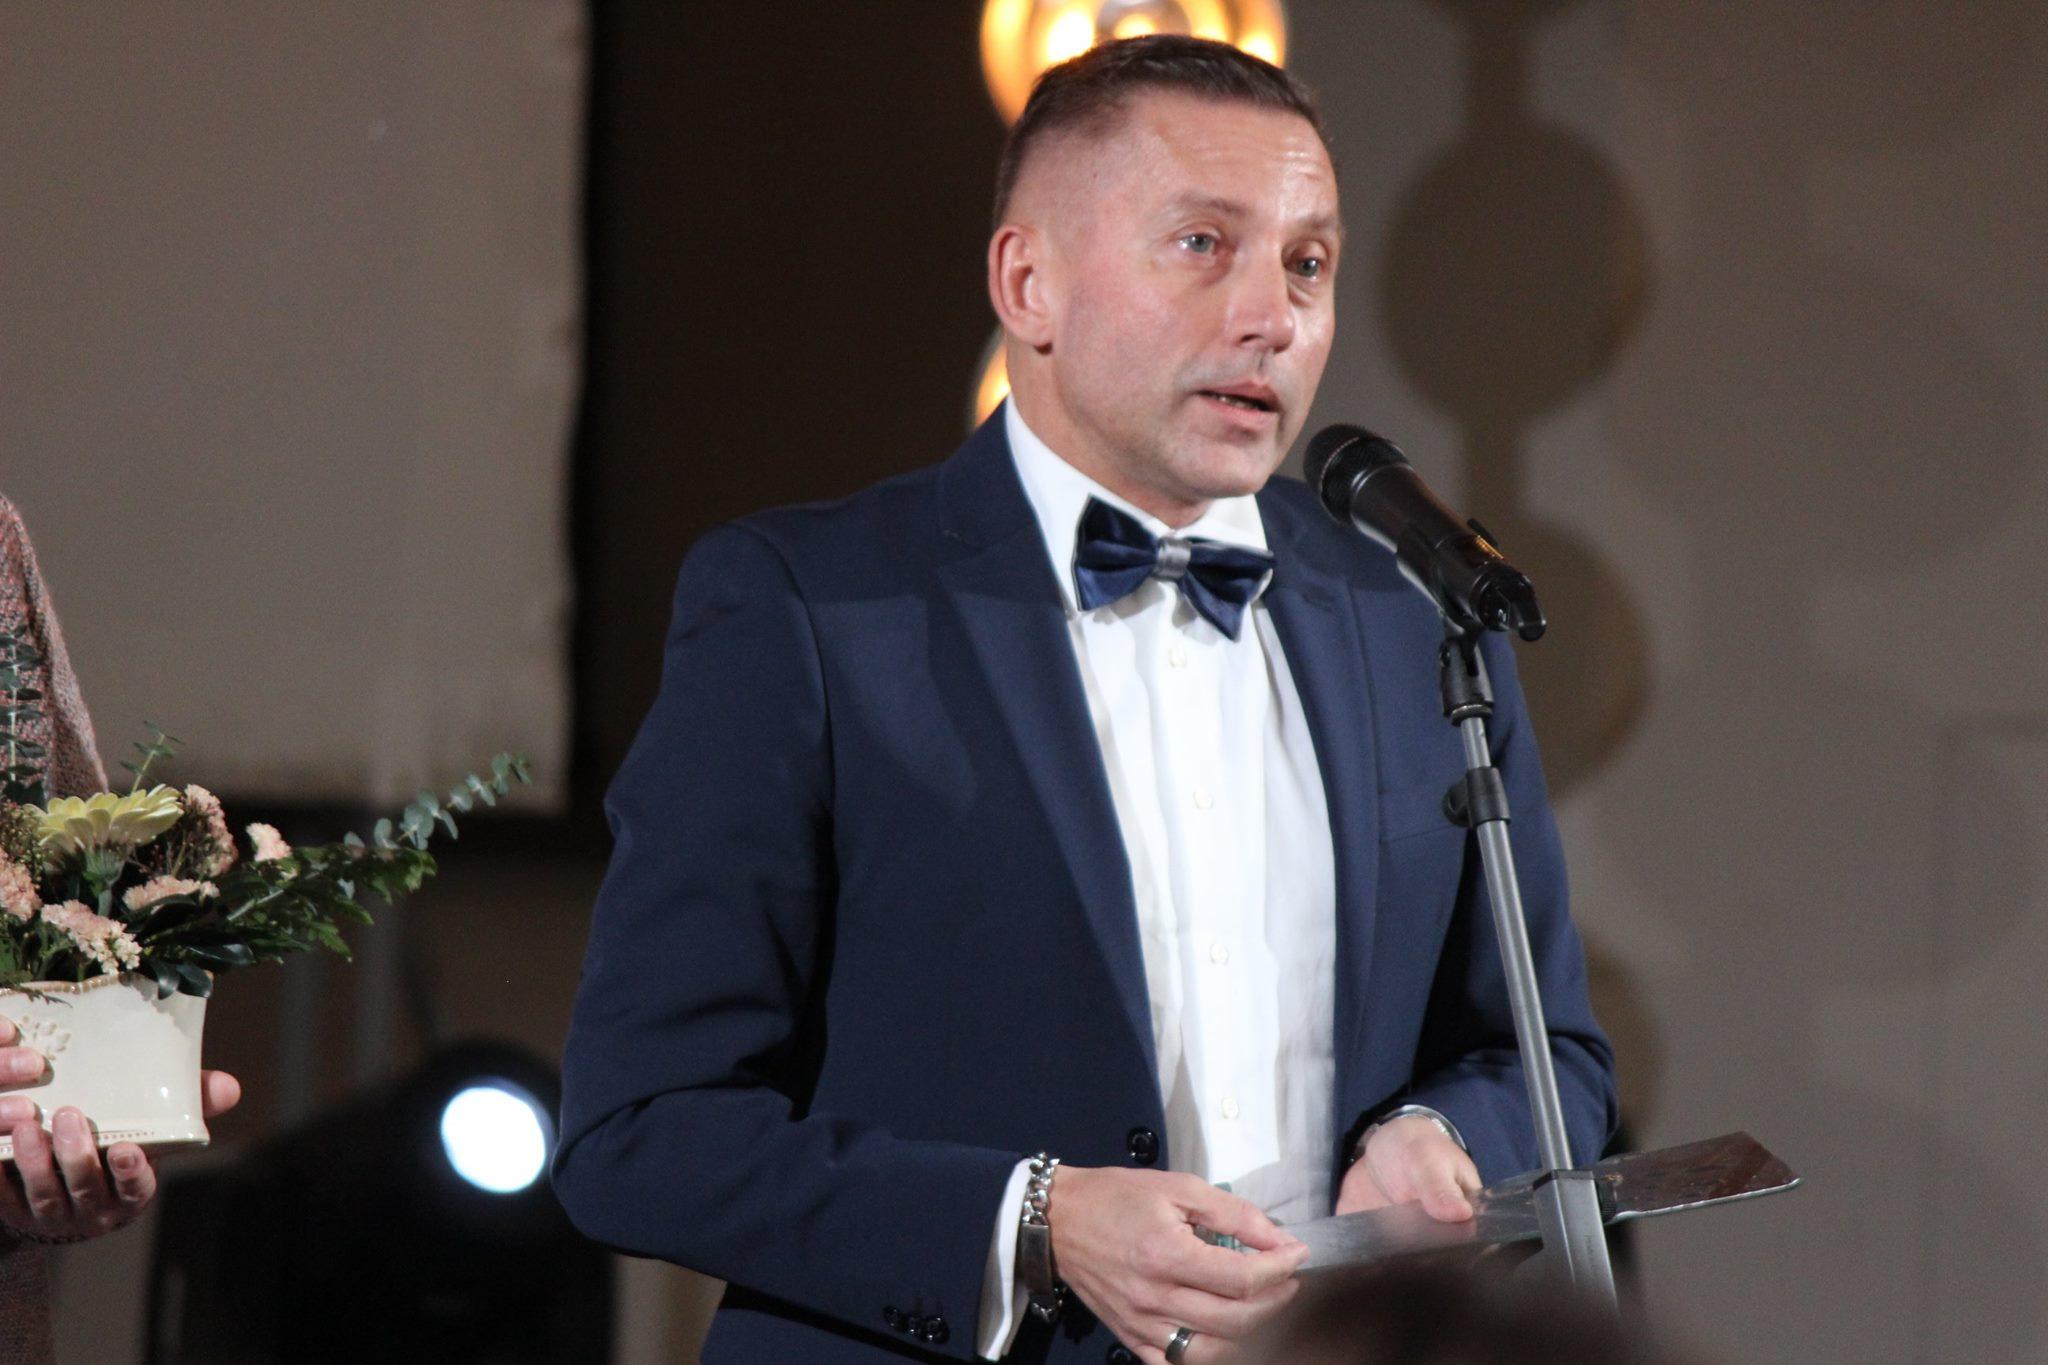 Vladimiras Simonko apdovanojimų ceremonijoje 2017 metais, NLĮF nuotr.